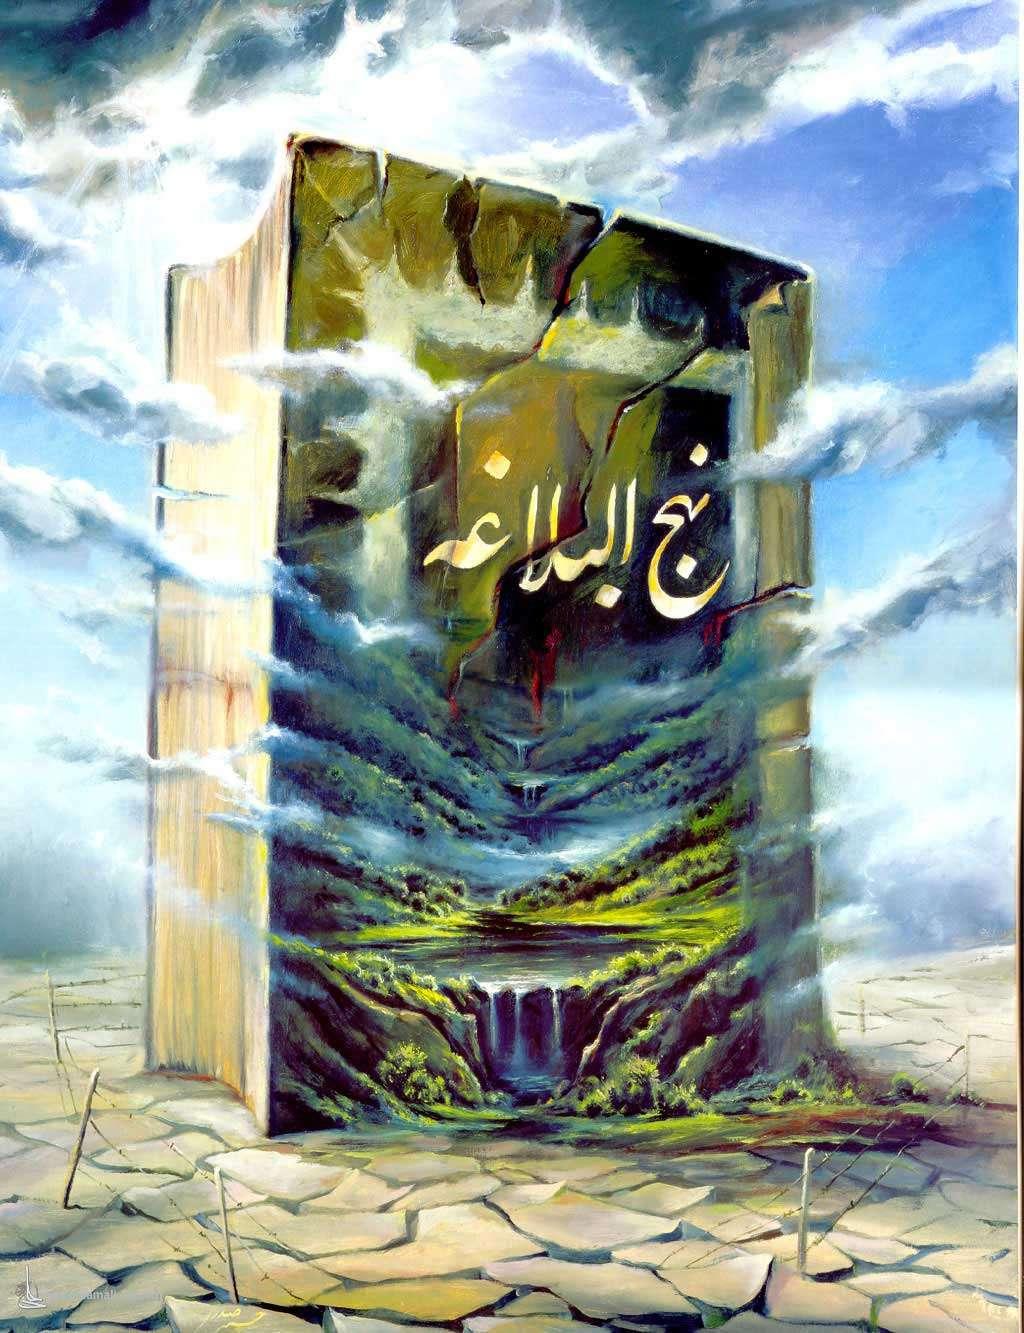 گذری بر نهج البلاغه / قطرهای از دریا خلقت را آغاز کرد و موجودات را بیافرید